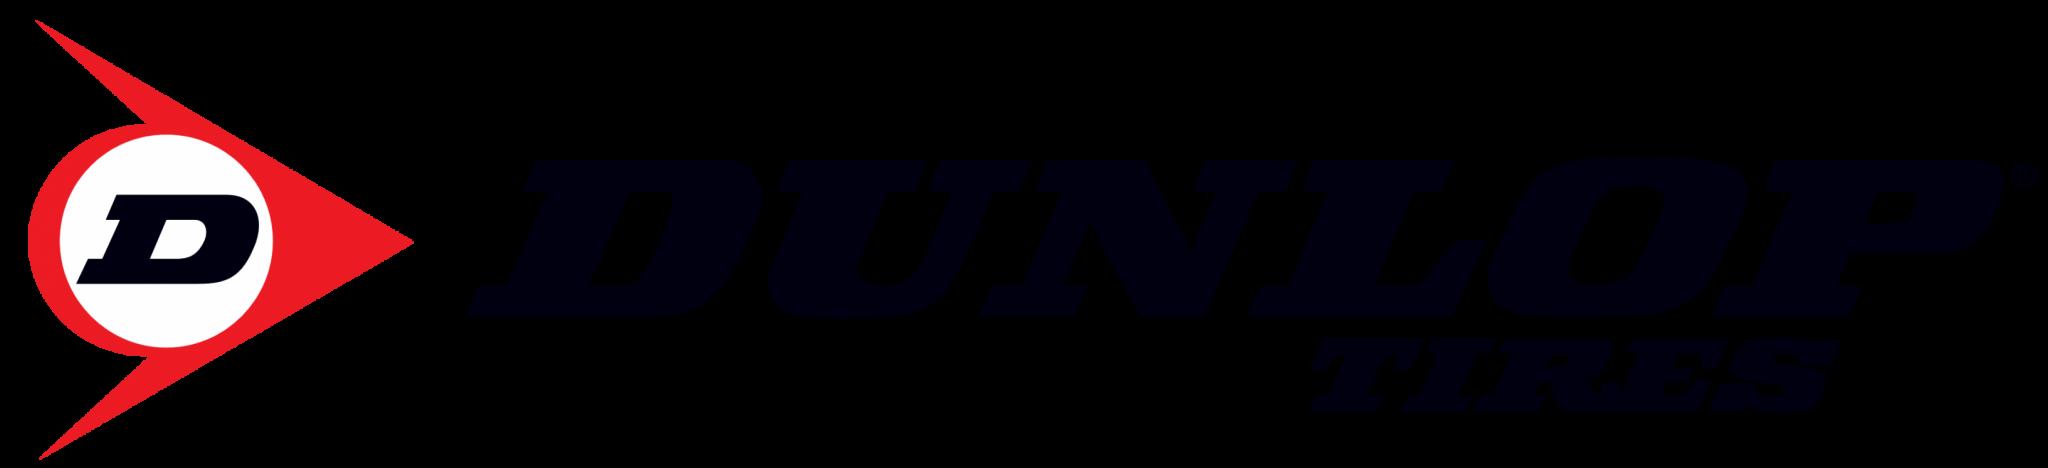 dunlop-logo-png-unique-dunlop-tires-logo